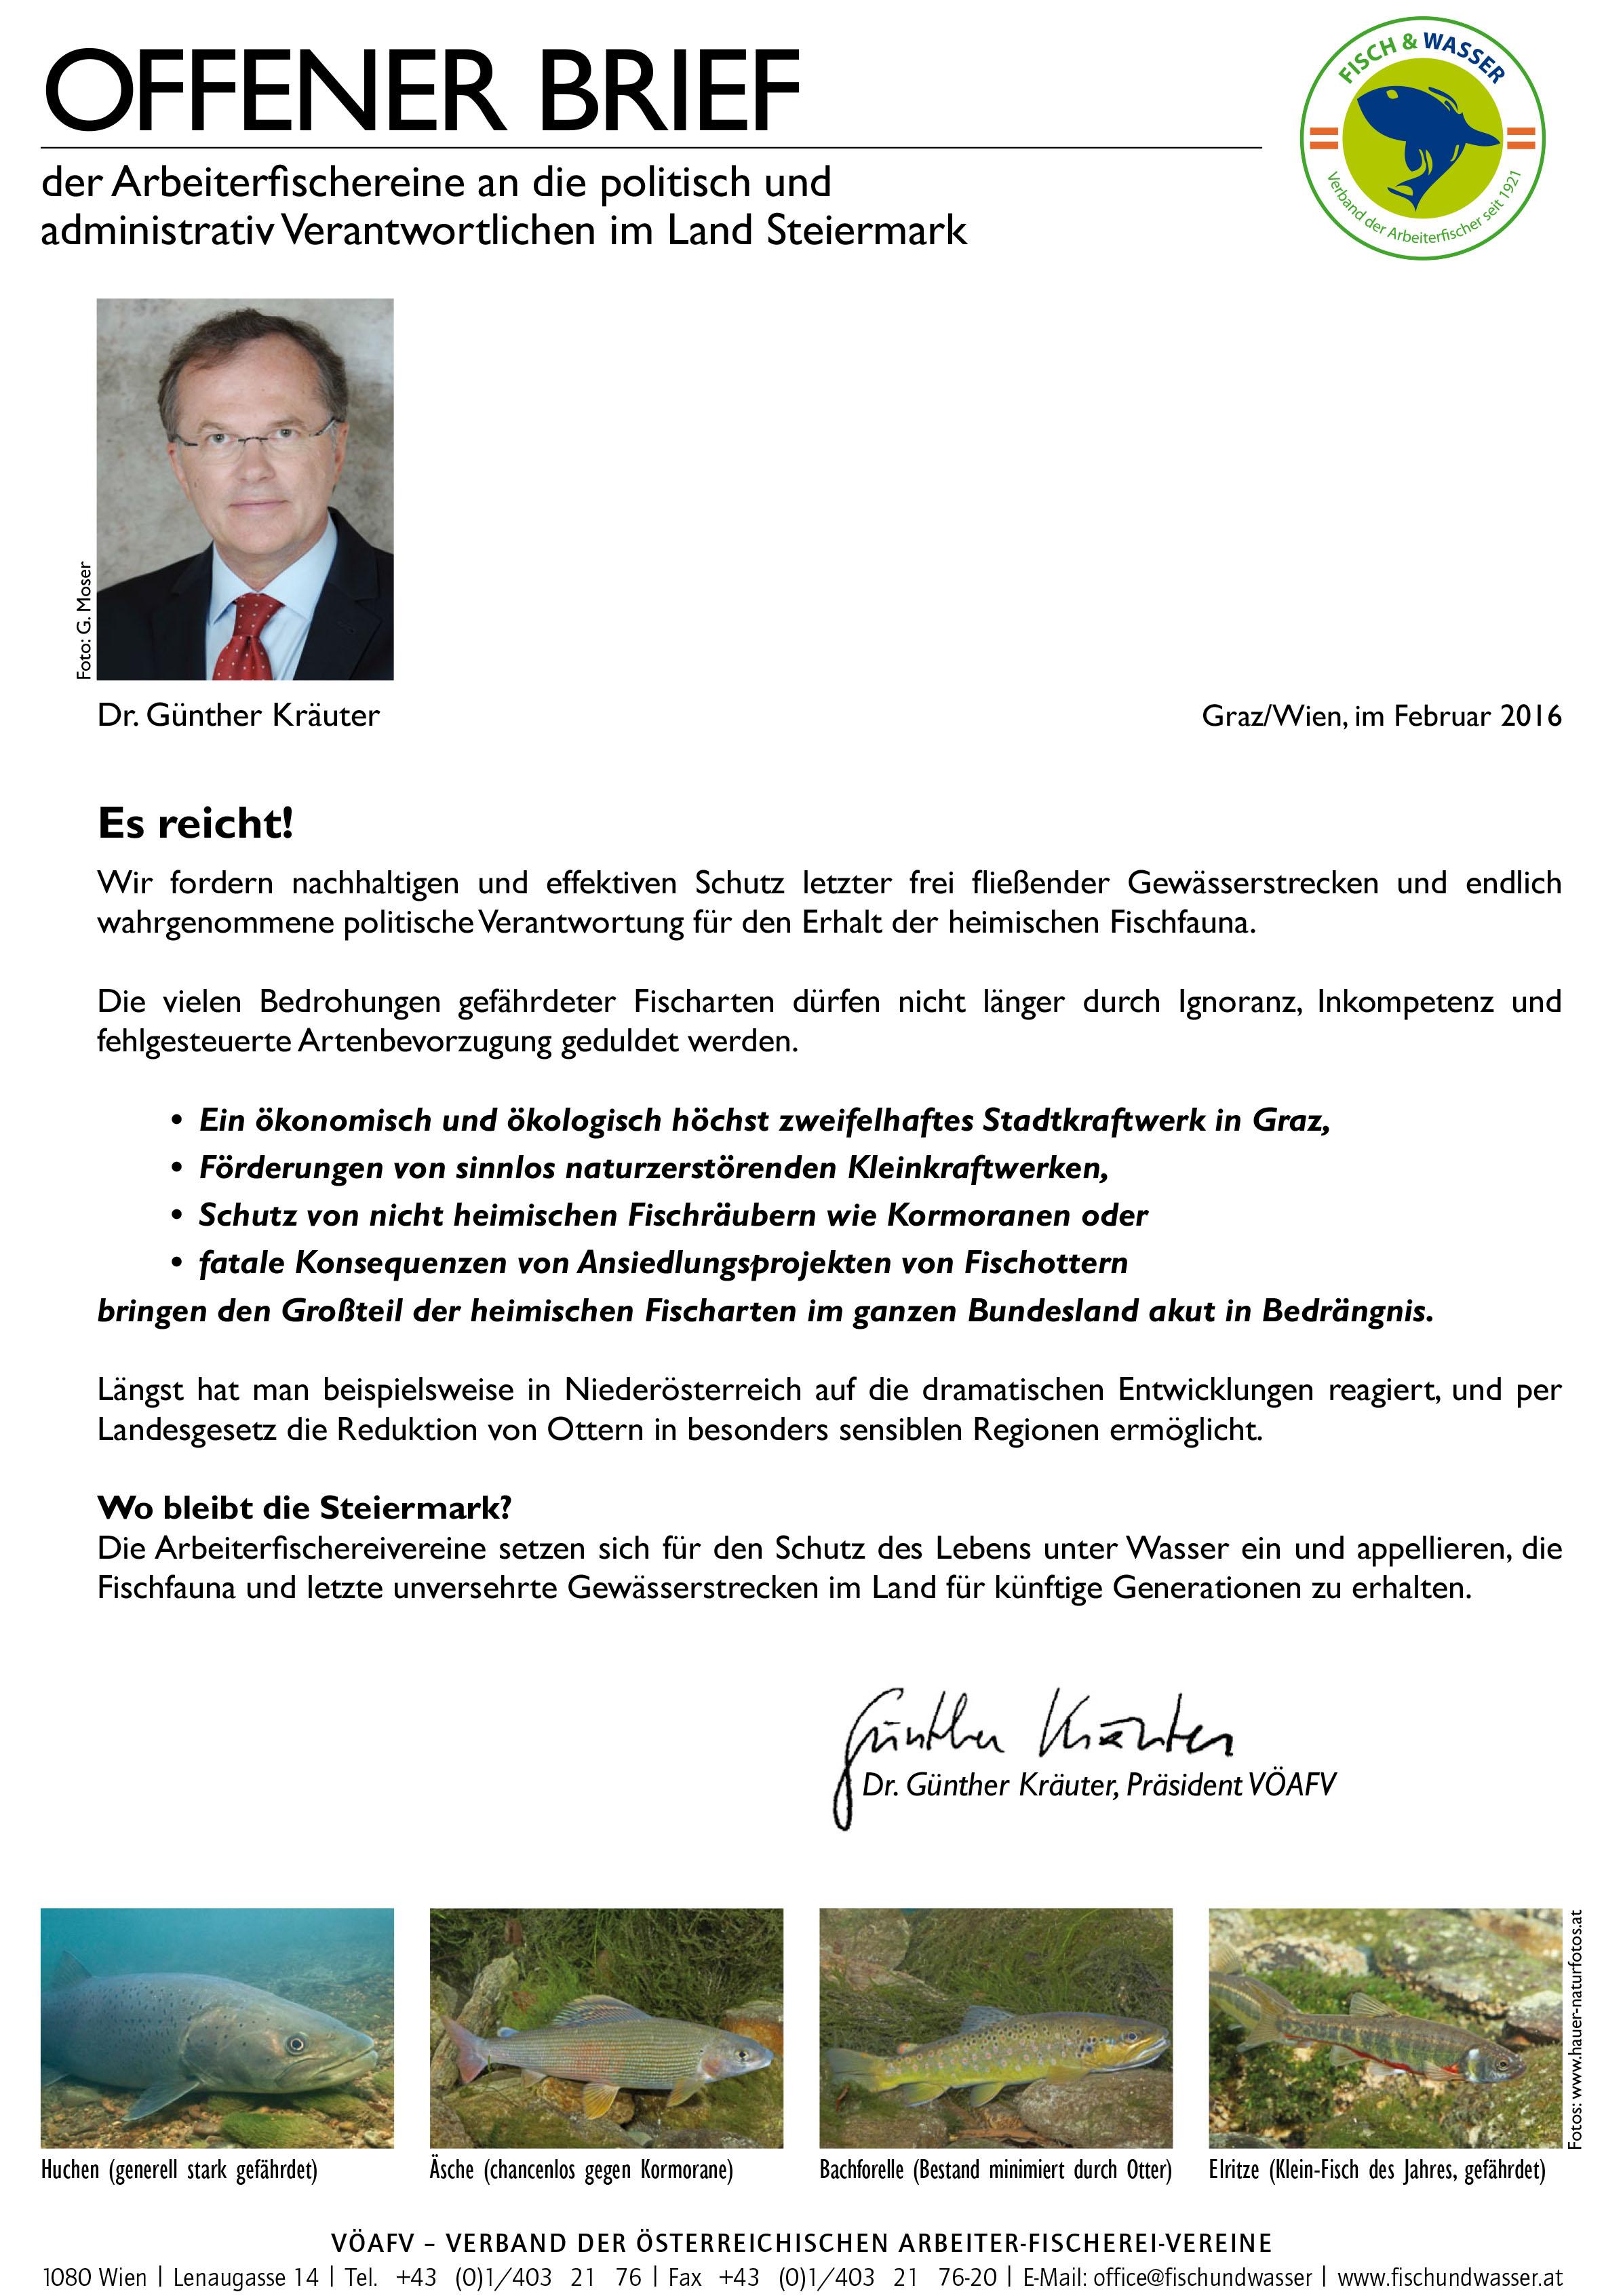 Offener Brief von Dr. Günther Kräuter an die steirische Landespolitik, sich der Verantwortung zum Gewässerschutz bewusst zu werden.